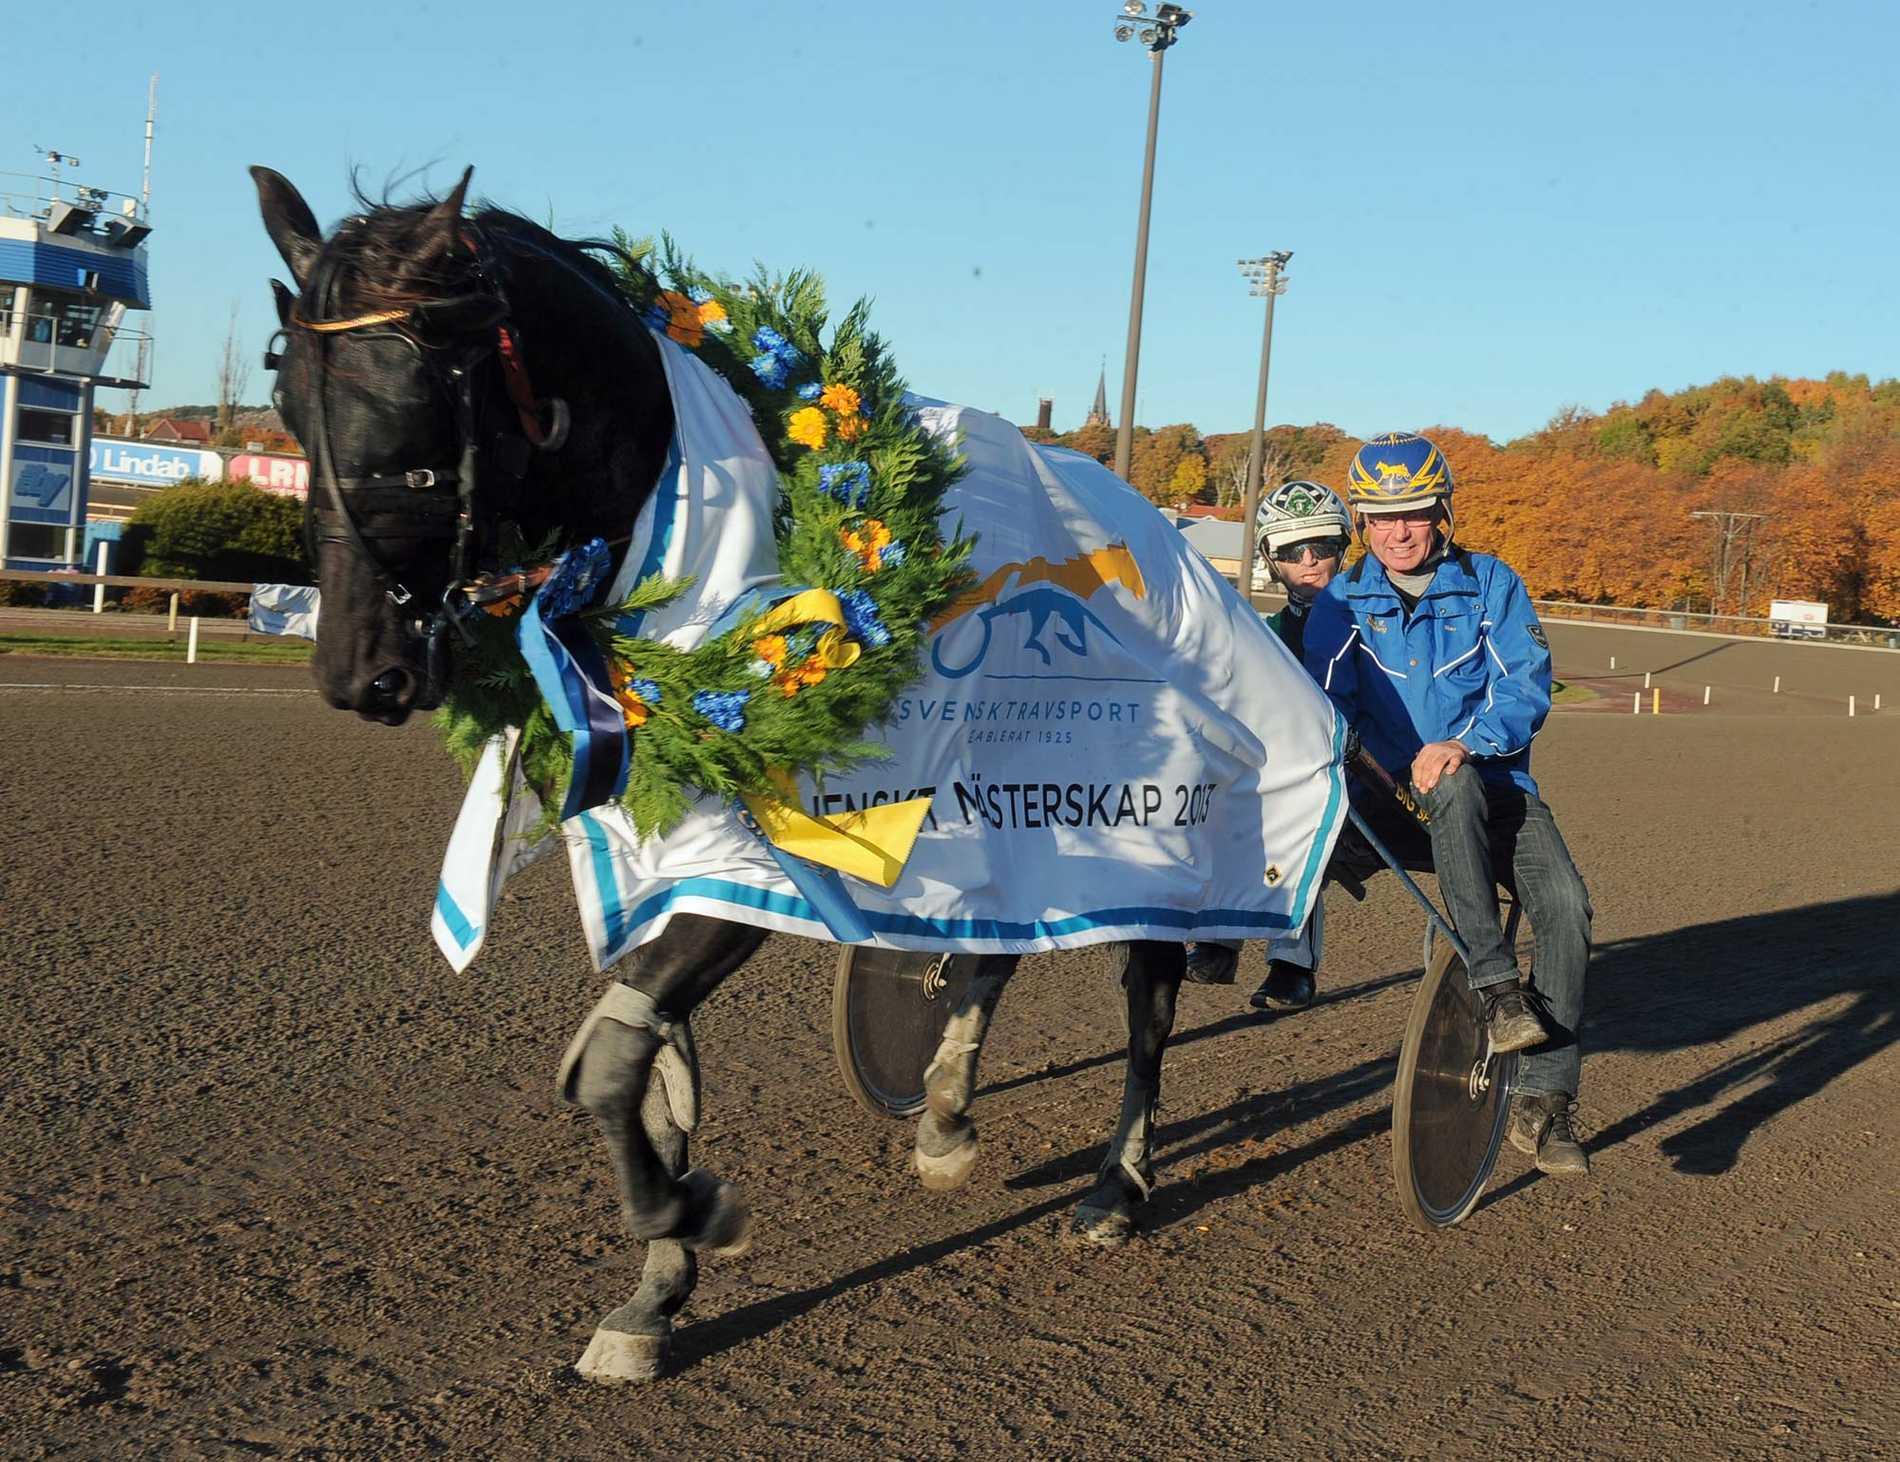 On Track Piraten vann Svenskt Mästerskap i fjol för Johnny Takter. På lördag jagar hästen och tränaren Hans R Strömberg en finalplats i Olympiatravet.